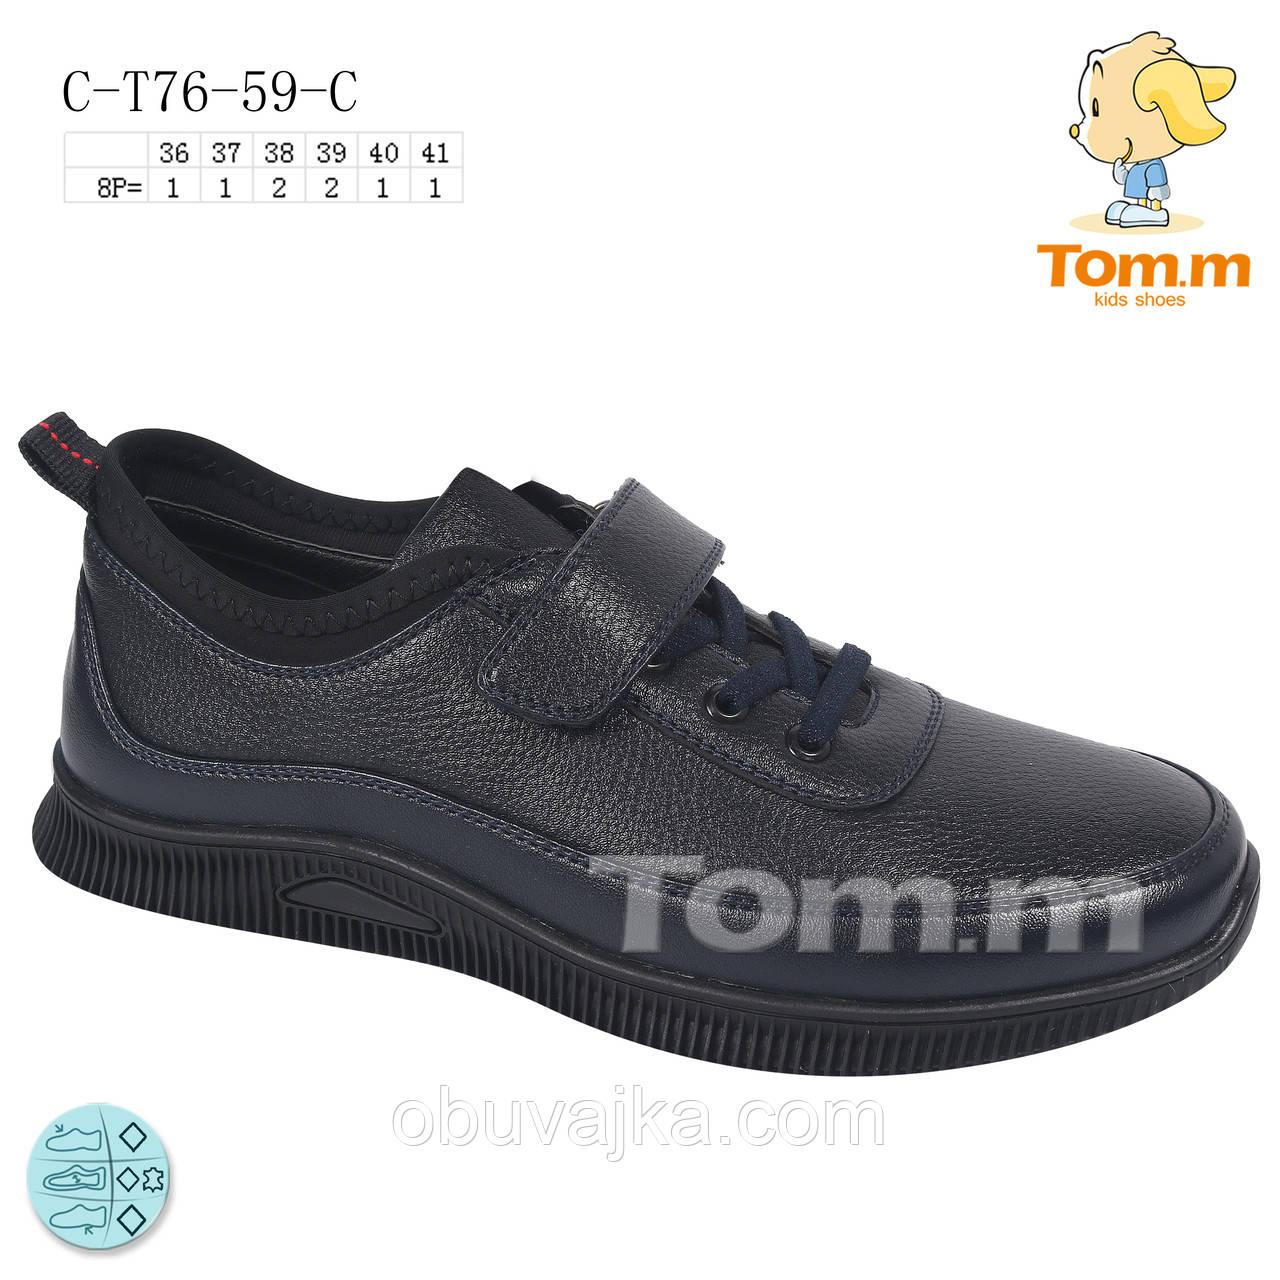 Осенняя обувь Подростковые туфли для мальчиков Tom m(36-41)